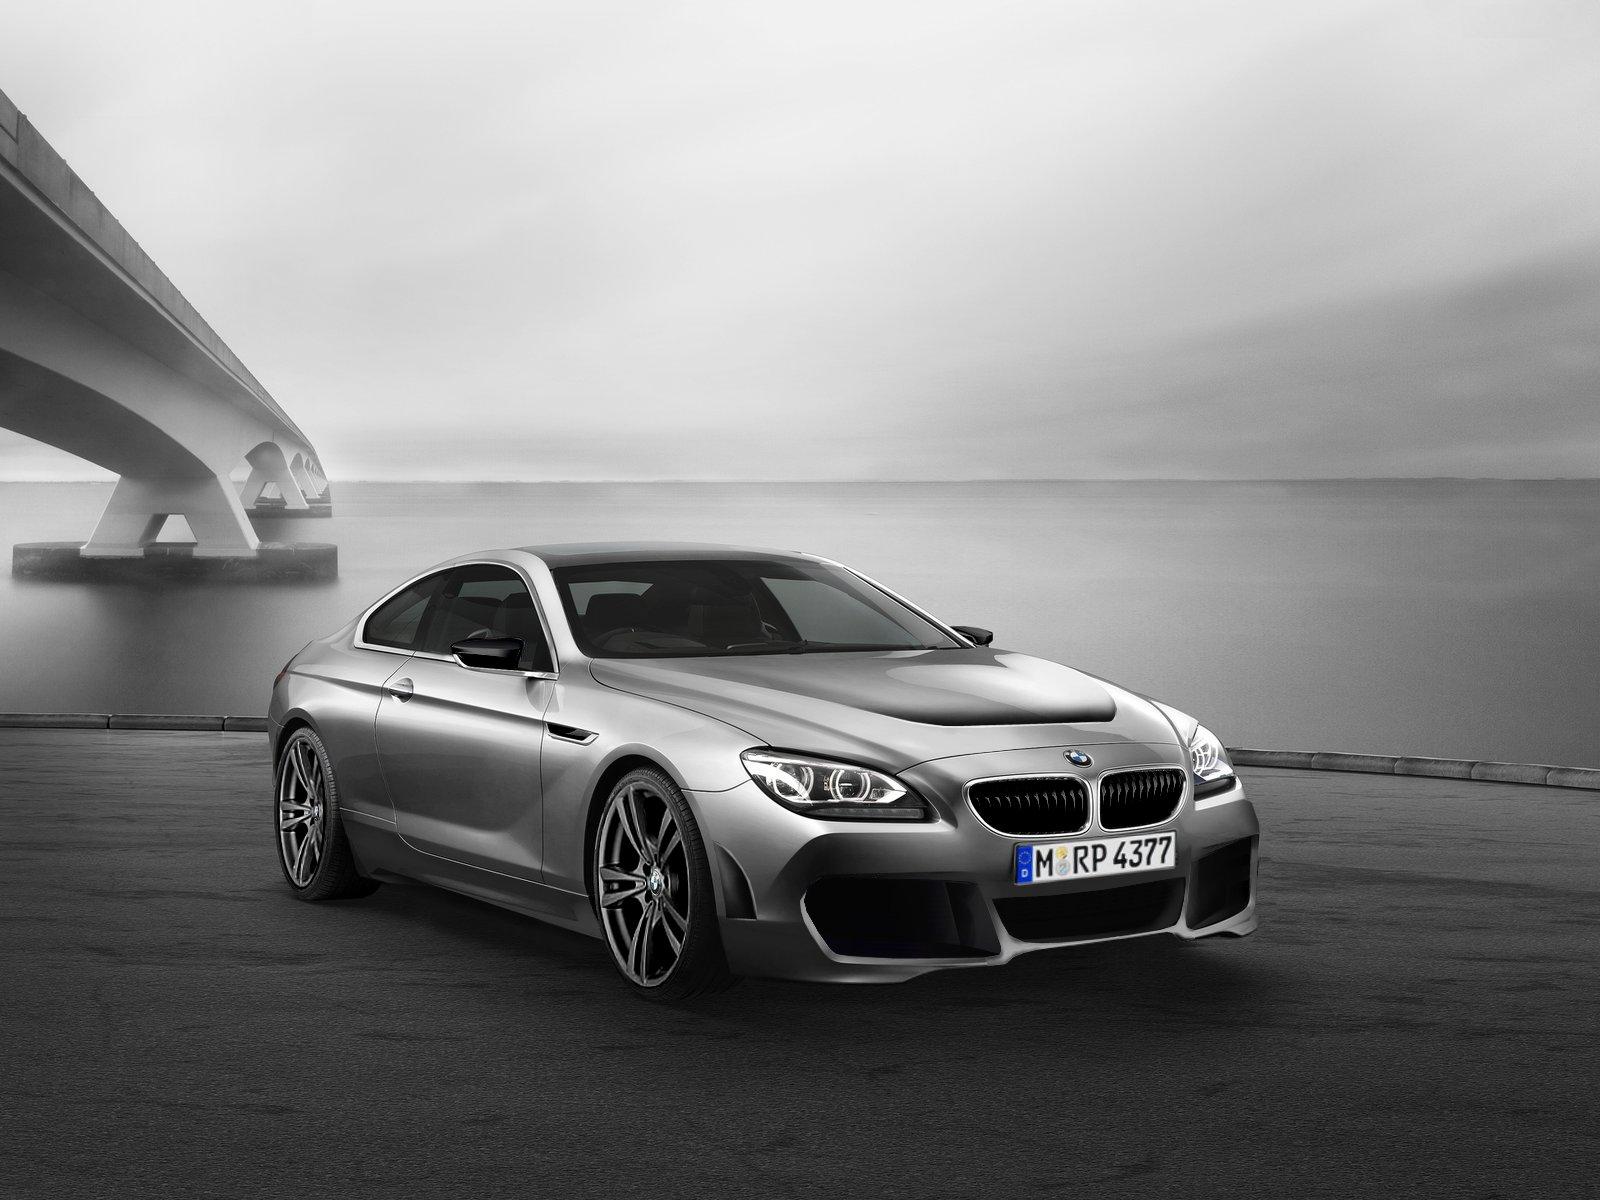 http://4.bp.blogspot.com/_S7a9qRXZeo8/TNZyhK7ng2I/AAAAAAAAACA/phXa8M7imUU/s1600/BMW-M6.jpg